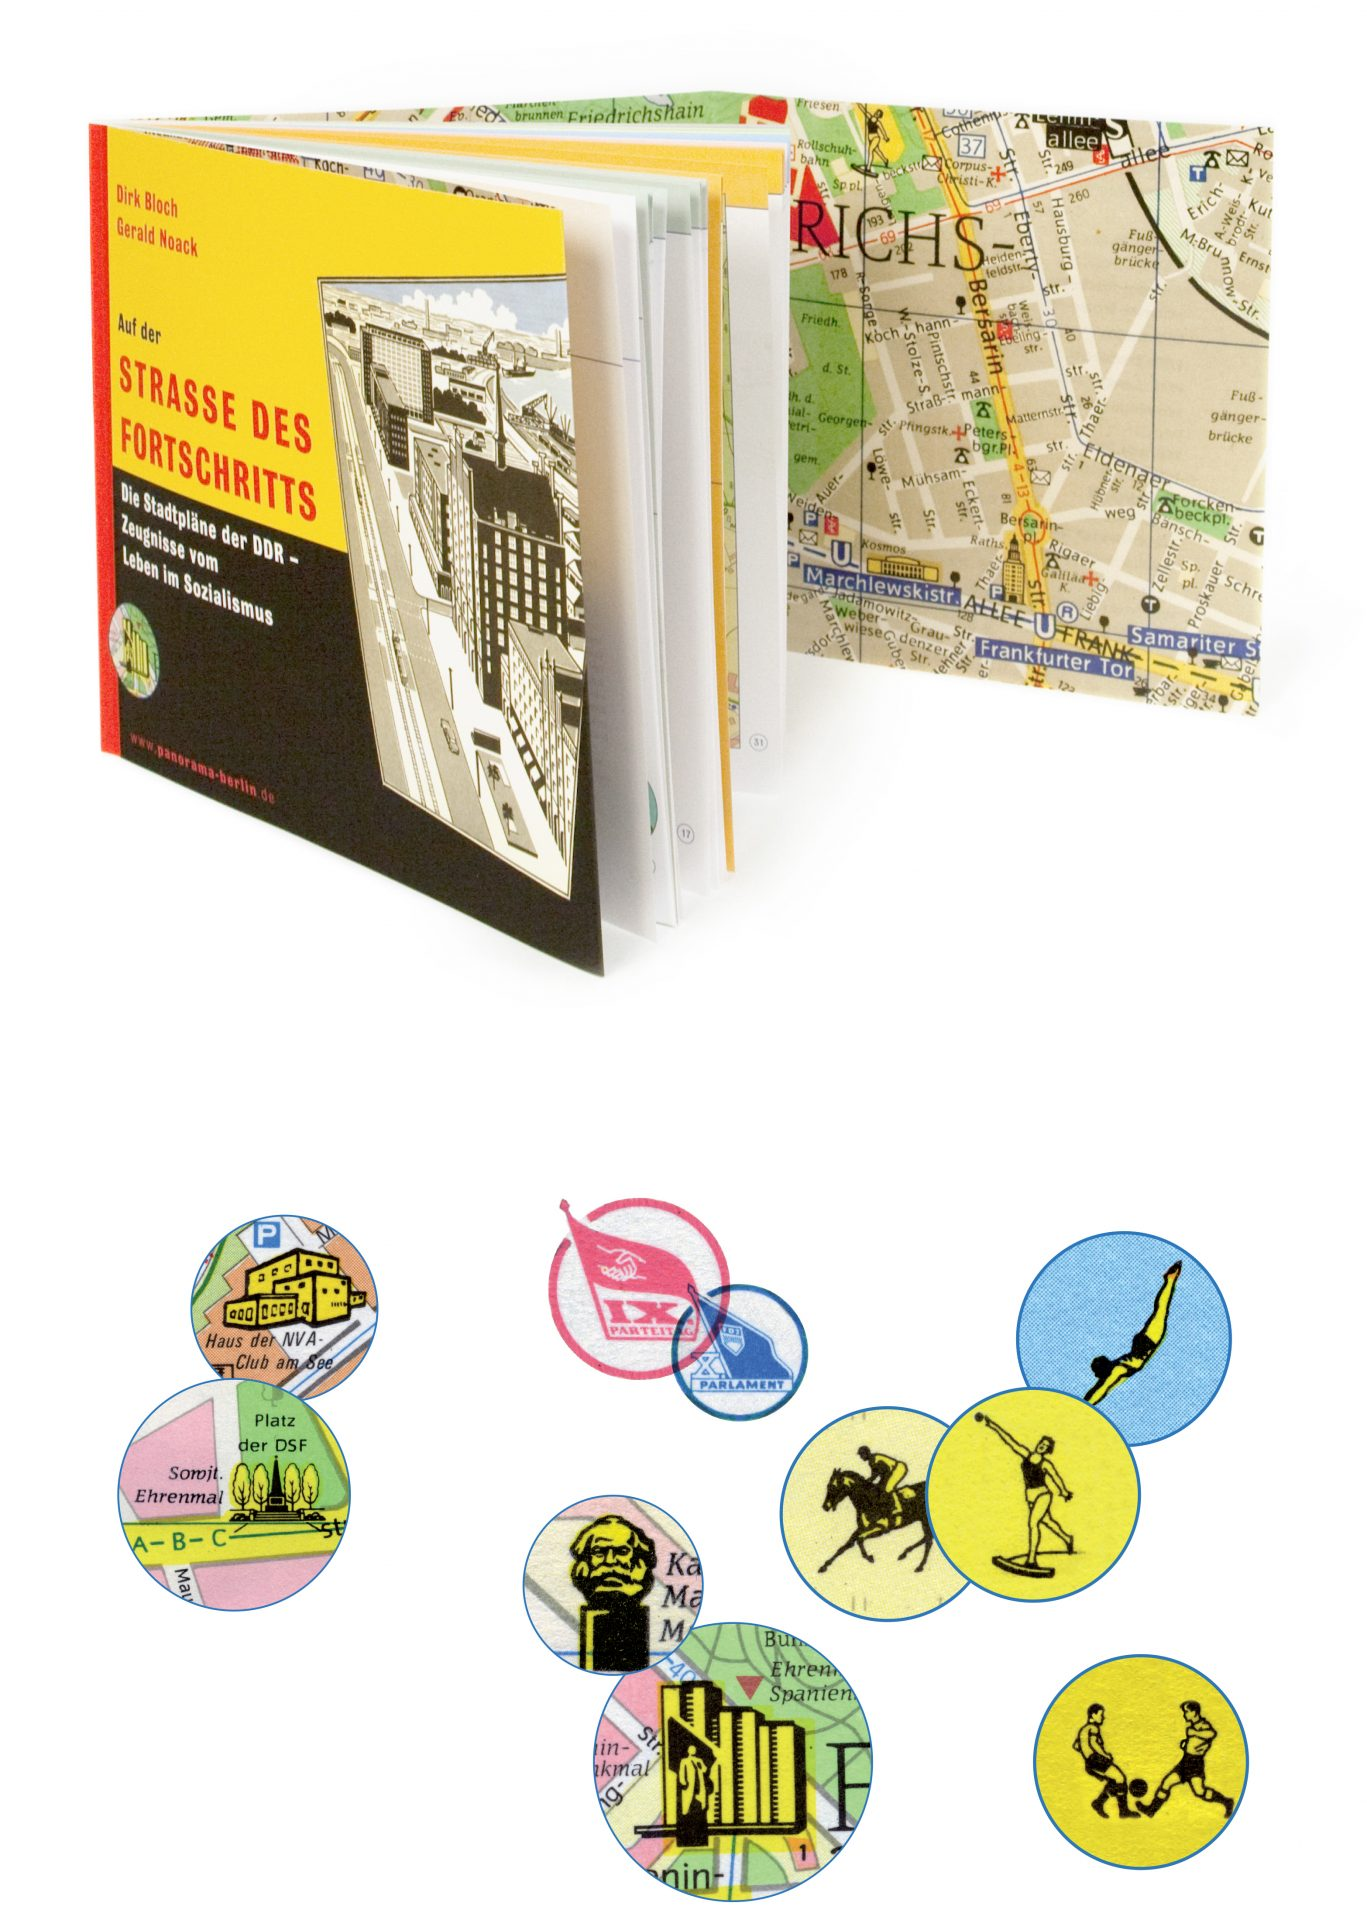 editorialdesign-panorama-strassedesfortschritts3-copyright-typoly